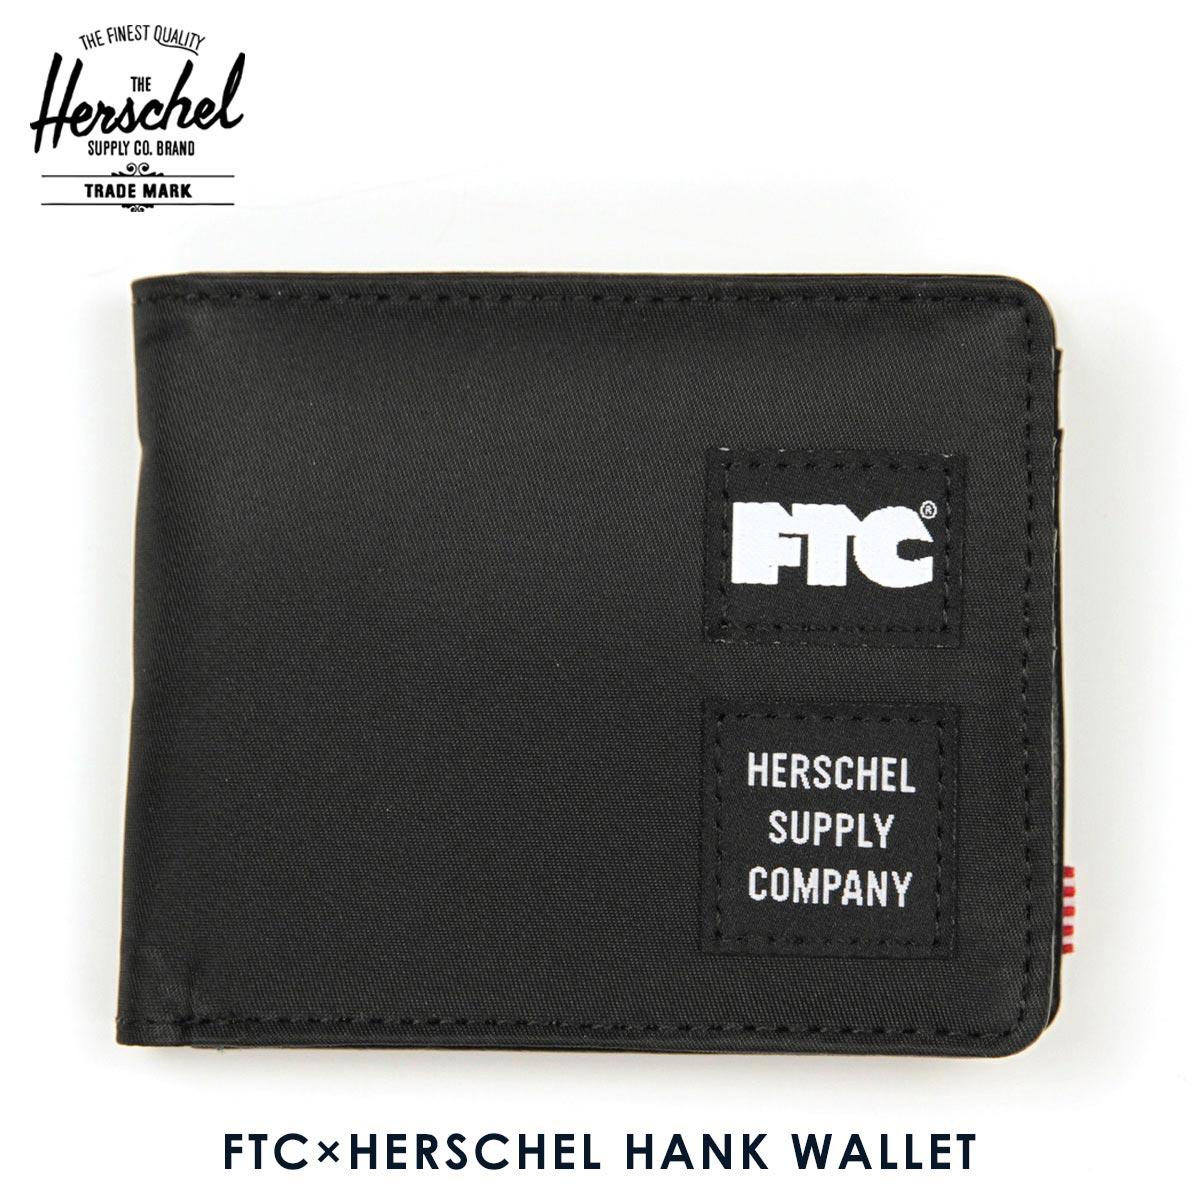 ハーシェル Herschel 財布 ウォレット 小銭入れあり FTC x HERSCHEL HANK WALLET FTC018HSA03 H9cm ×W11cm ×D2cm